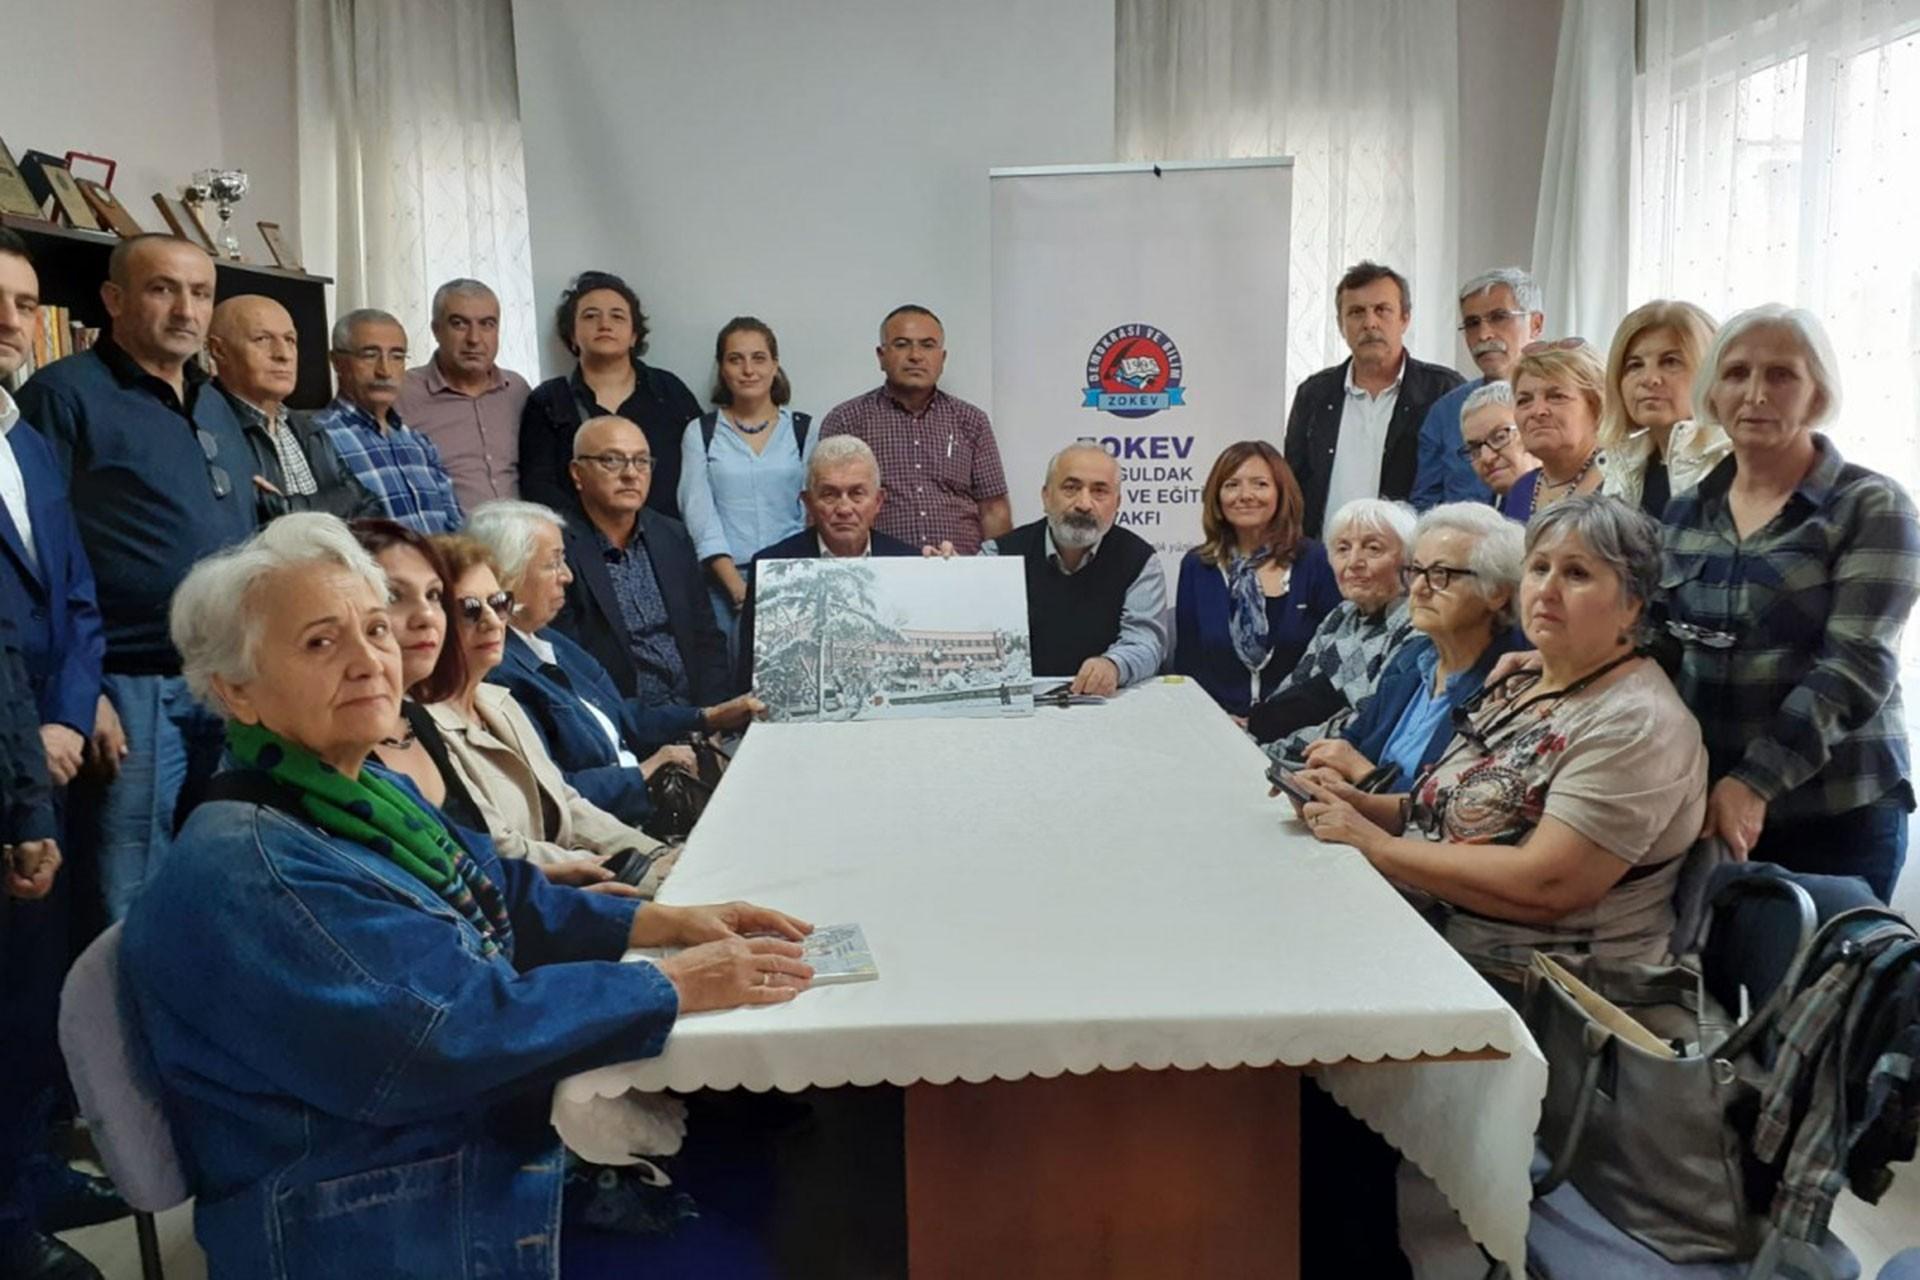 Zonguldak Kız Meslek Lisesinin yıkılıp yerine otopark yapılmak istenmesine tepki